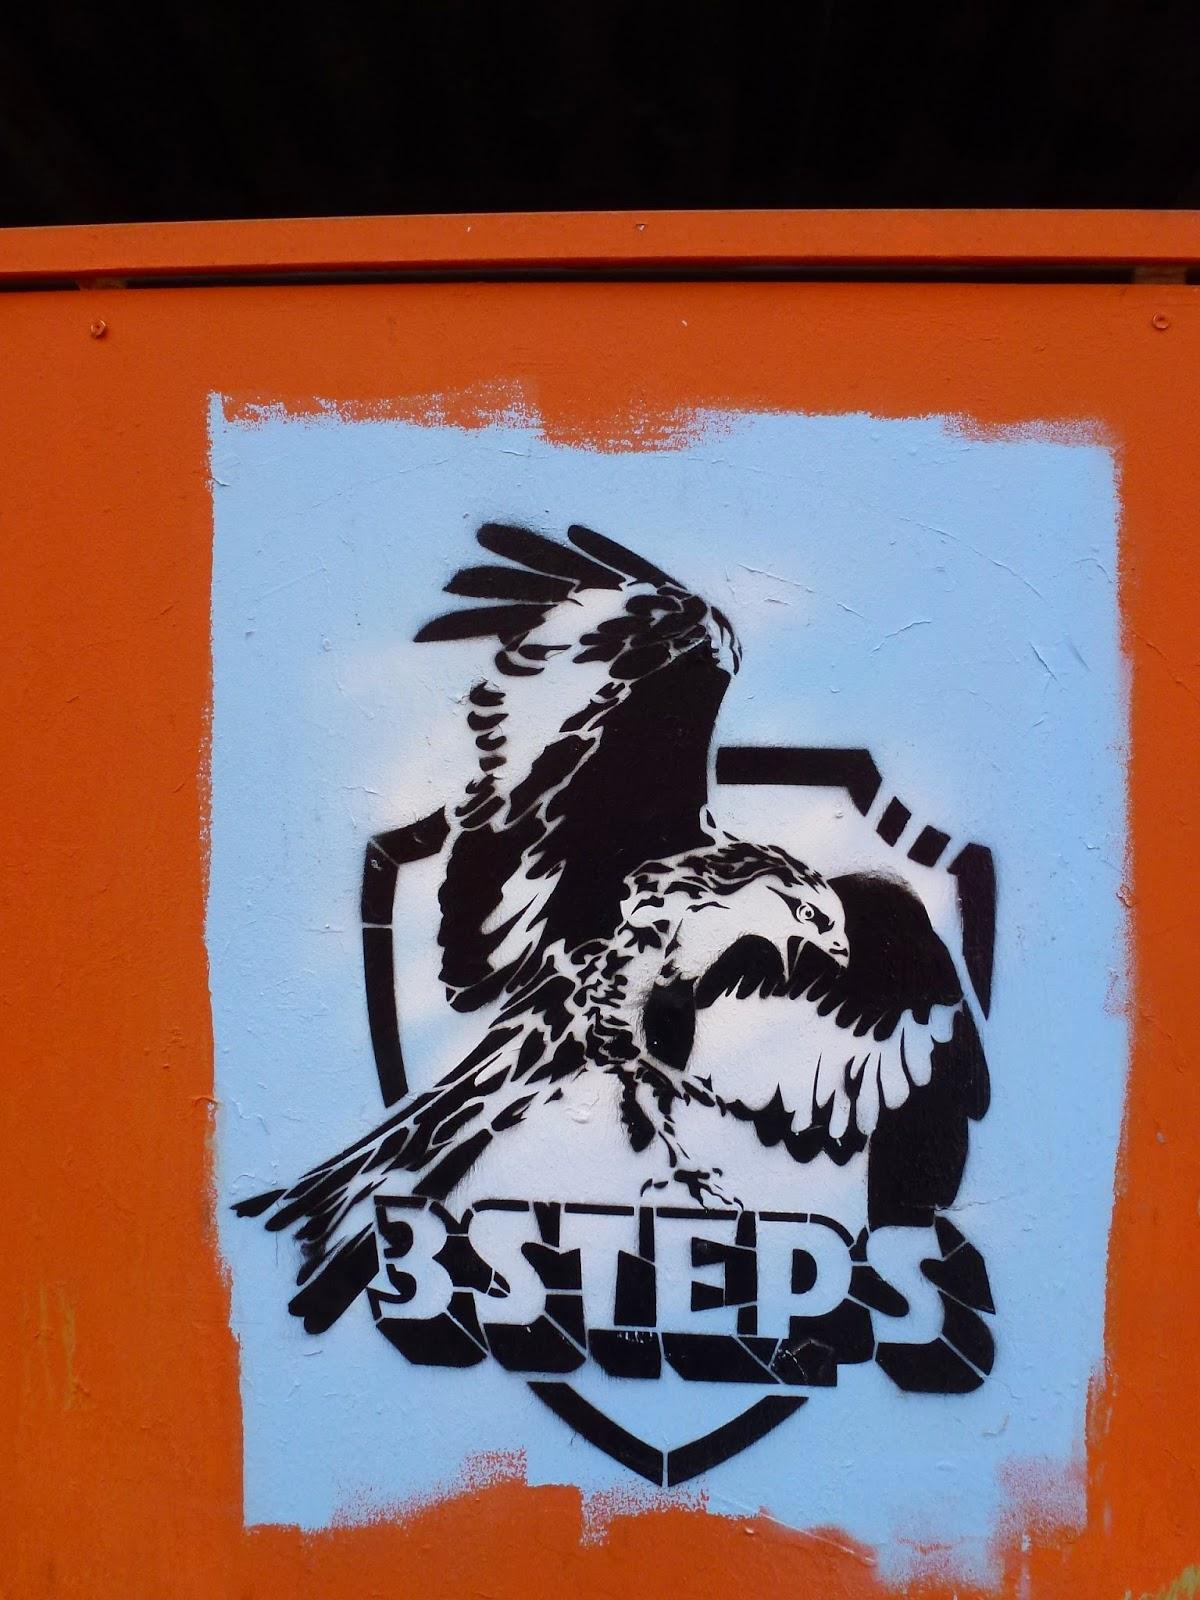 3 Steps, Stencils, Kunstpark Ost